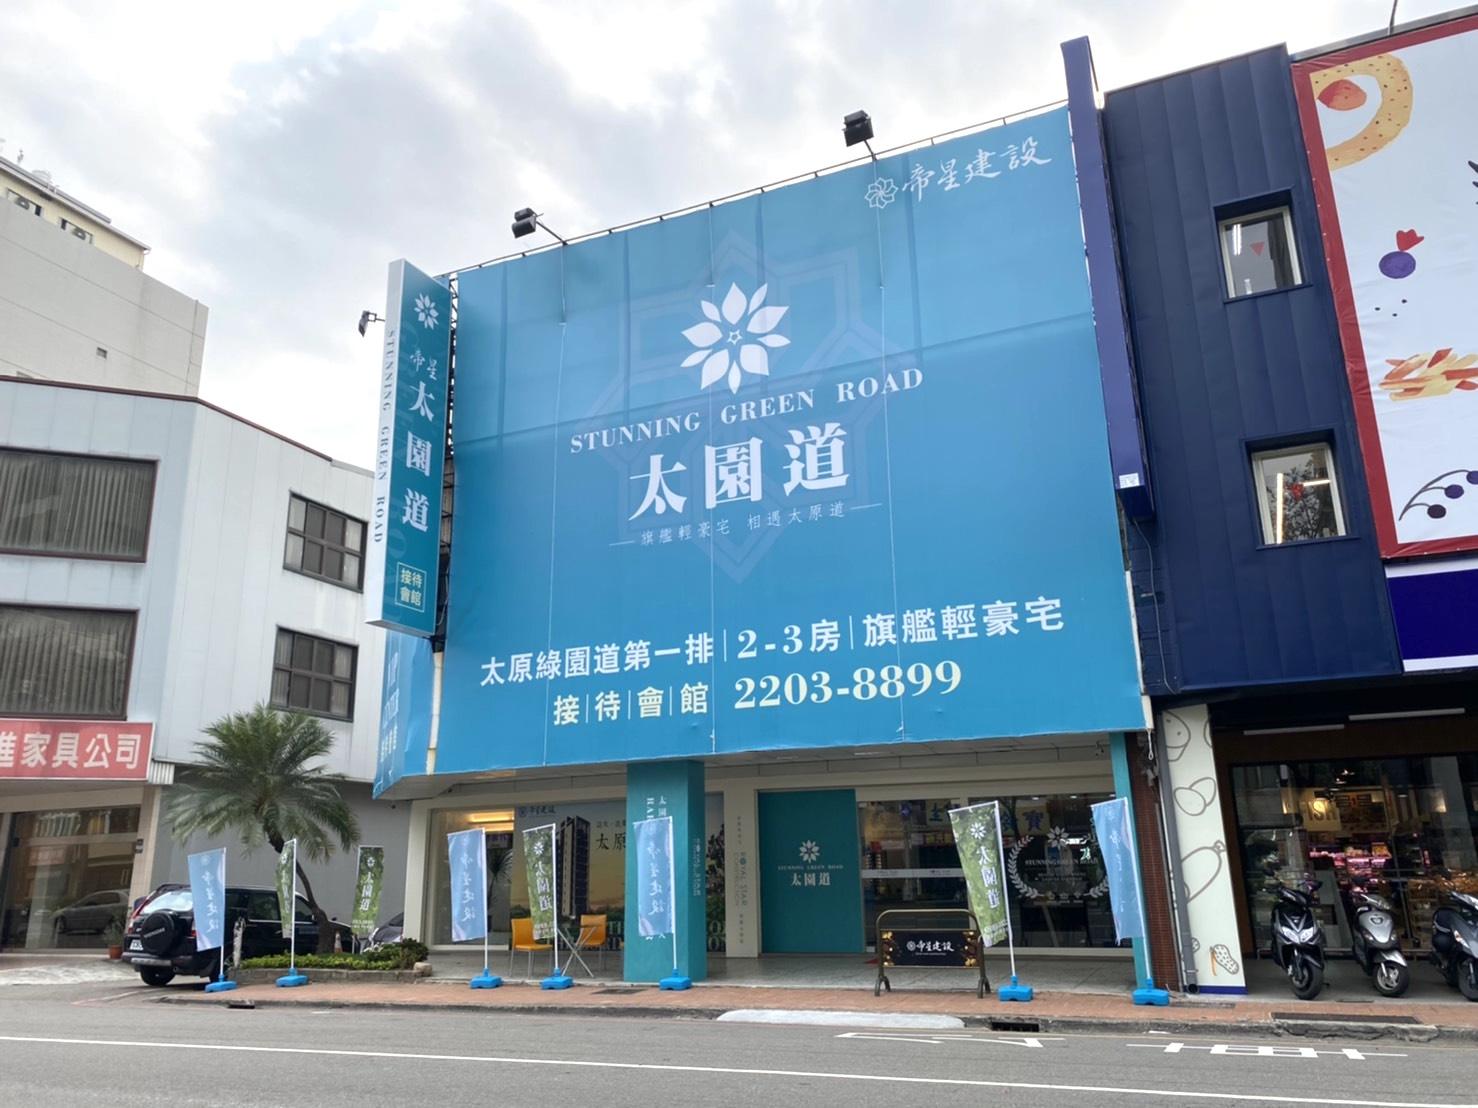 圖片:台中北區建案搶先看 | 帝星建設 太園道 北區綠園道第一排